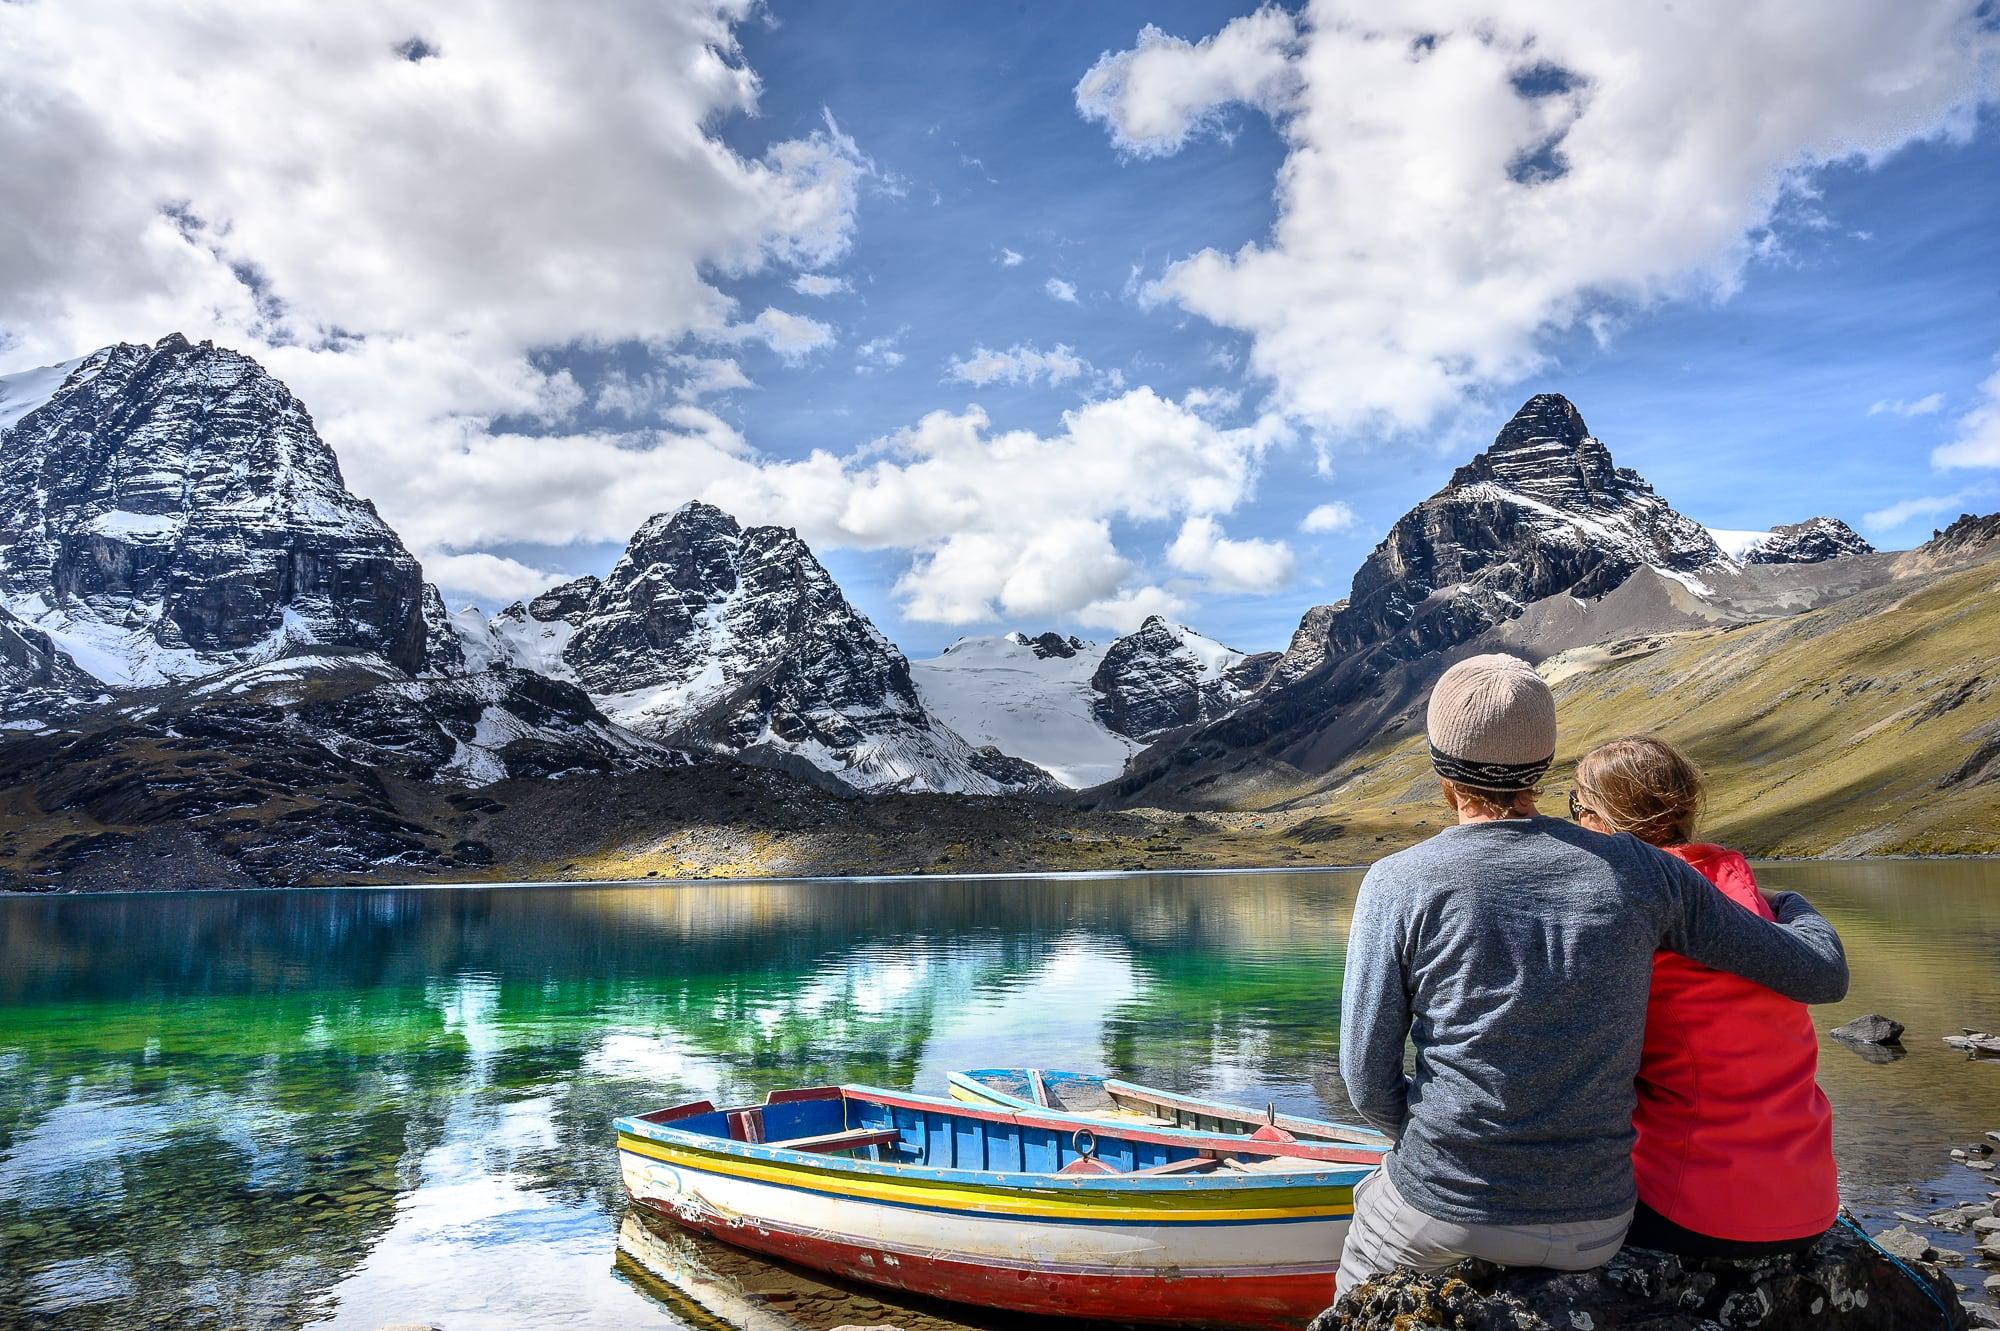 1_Bolivija_Char_Khota_avtor_fotografije_Rok_Hocevar.jpg